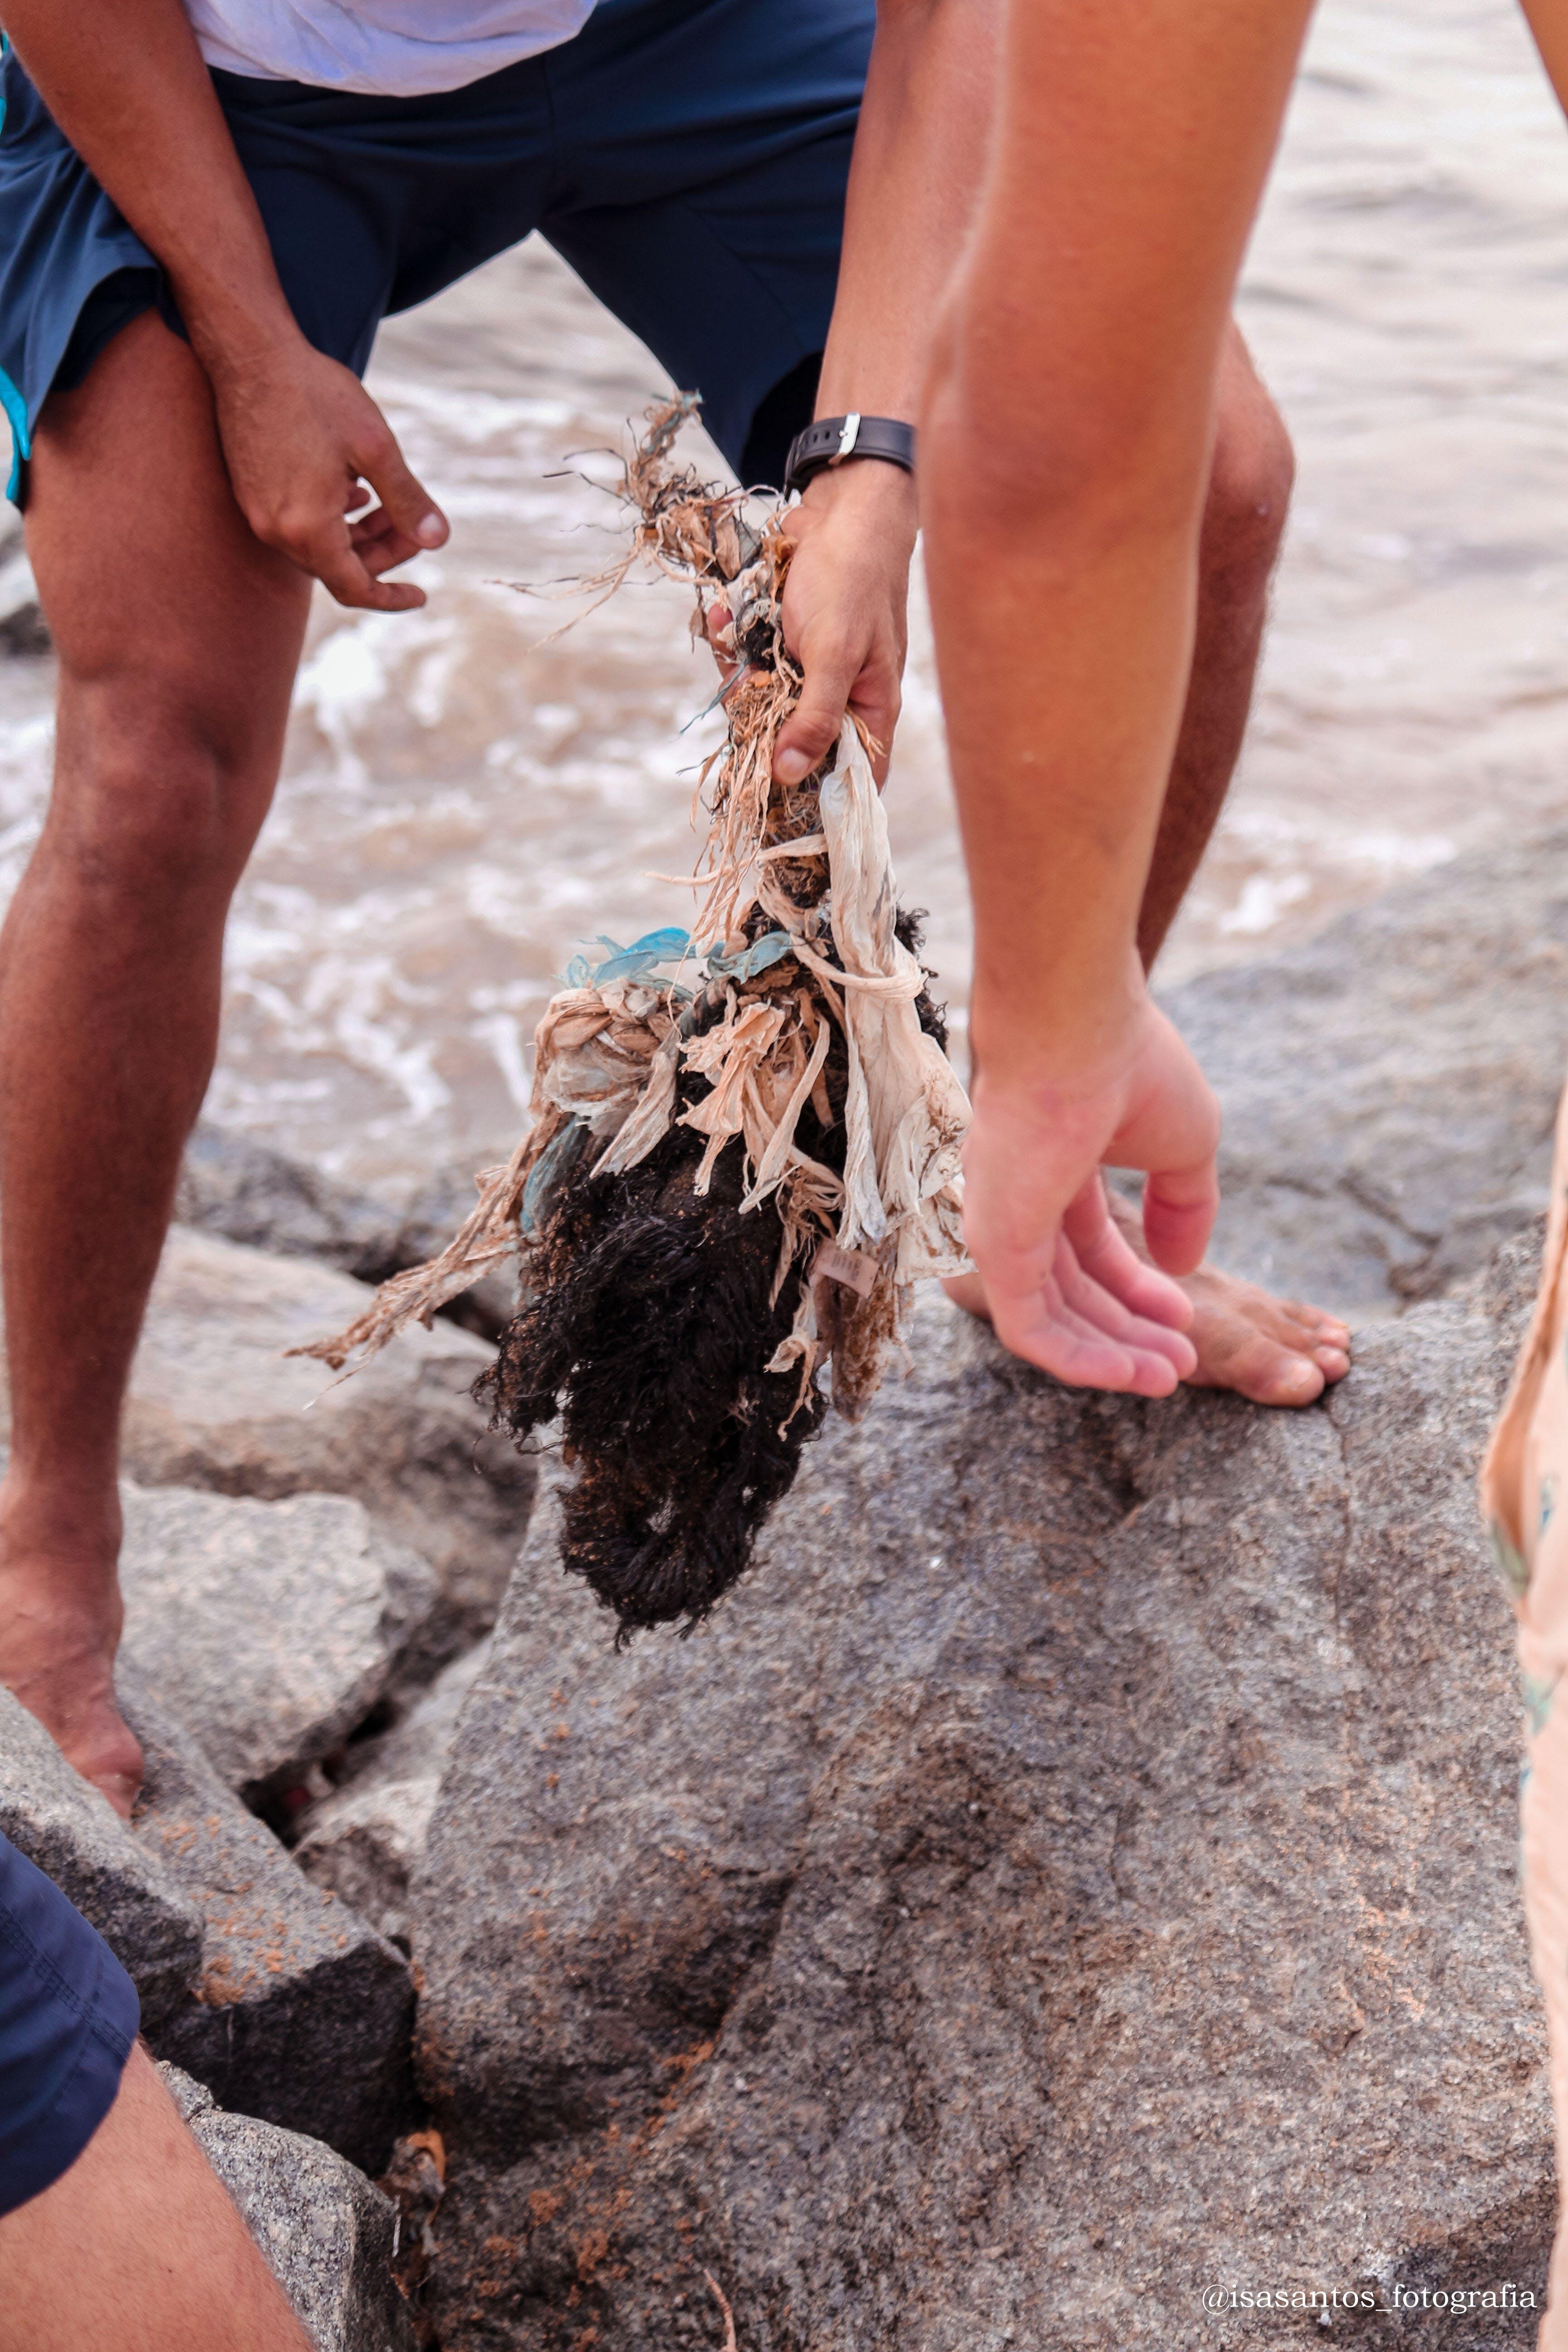 남자, 레저, 레크리에이션, 모래의 무료 스톡 사진